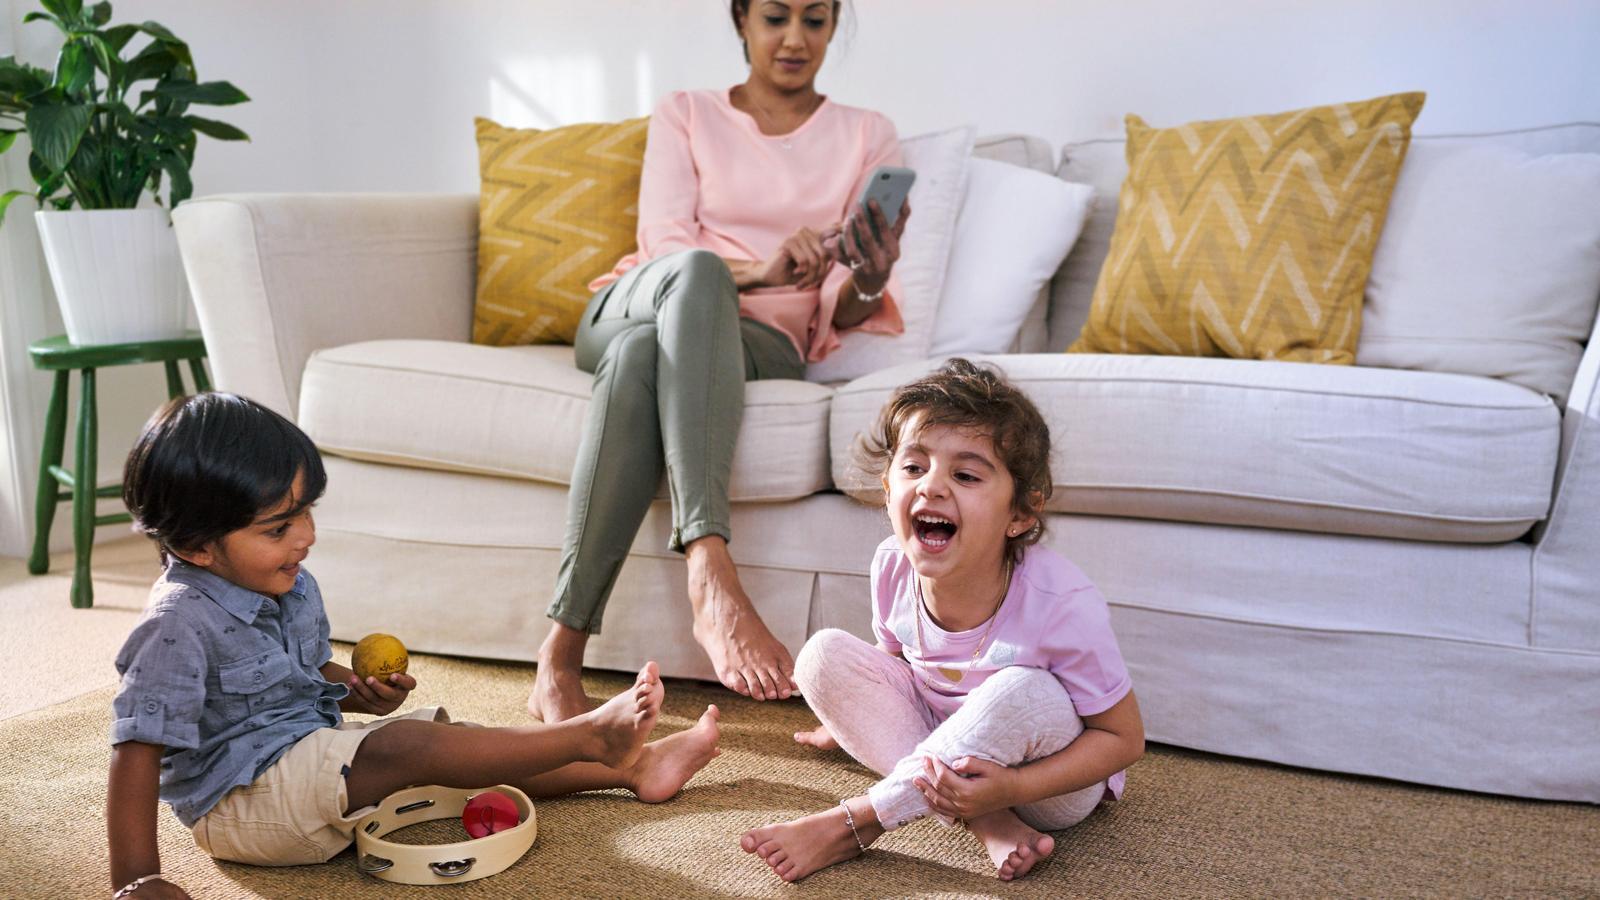 Två barn leker i vardagsrummet medan deras mamma tittar på